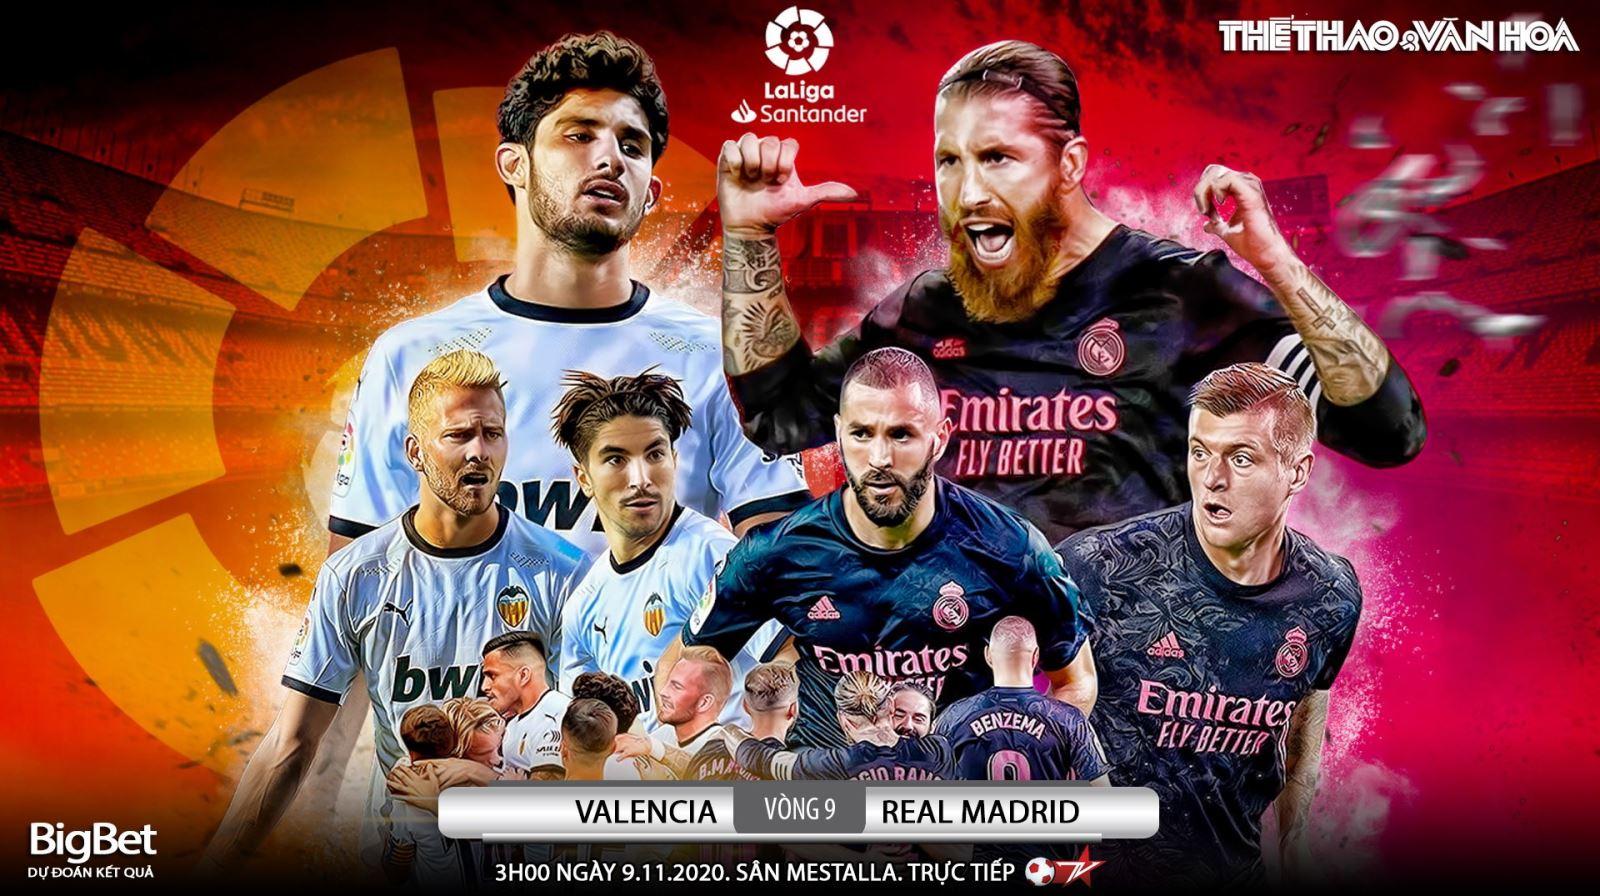 Soi kèo nhà cáiValencia vs Real Madrid. Vòng 9 La Liga. Trực tiếp Bóng đá TV